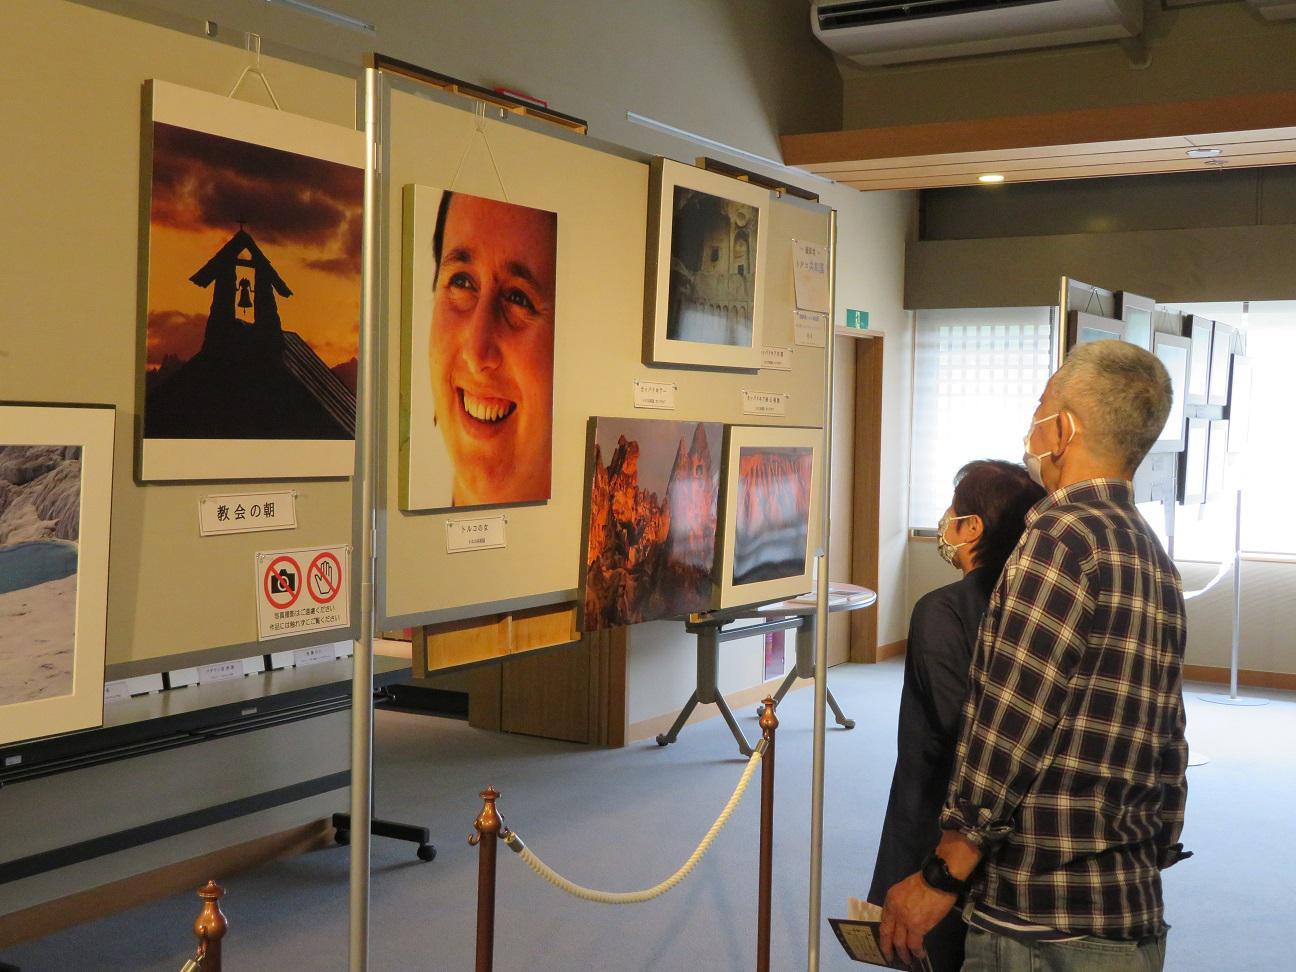 企画展「ふるさとの写真家・佐藤吉栄」に寄せられた声